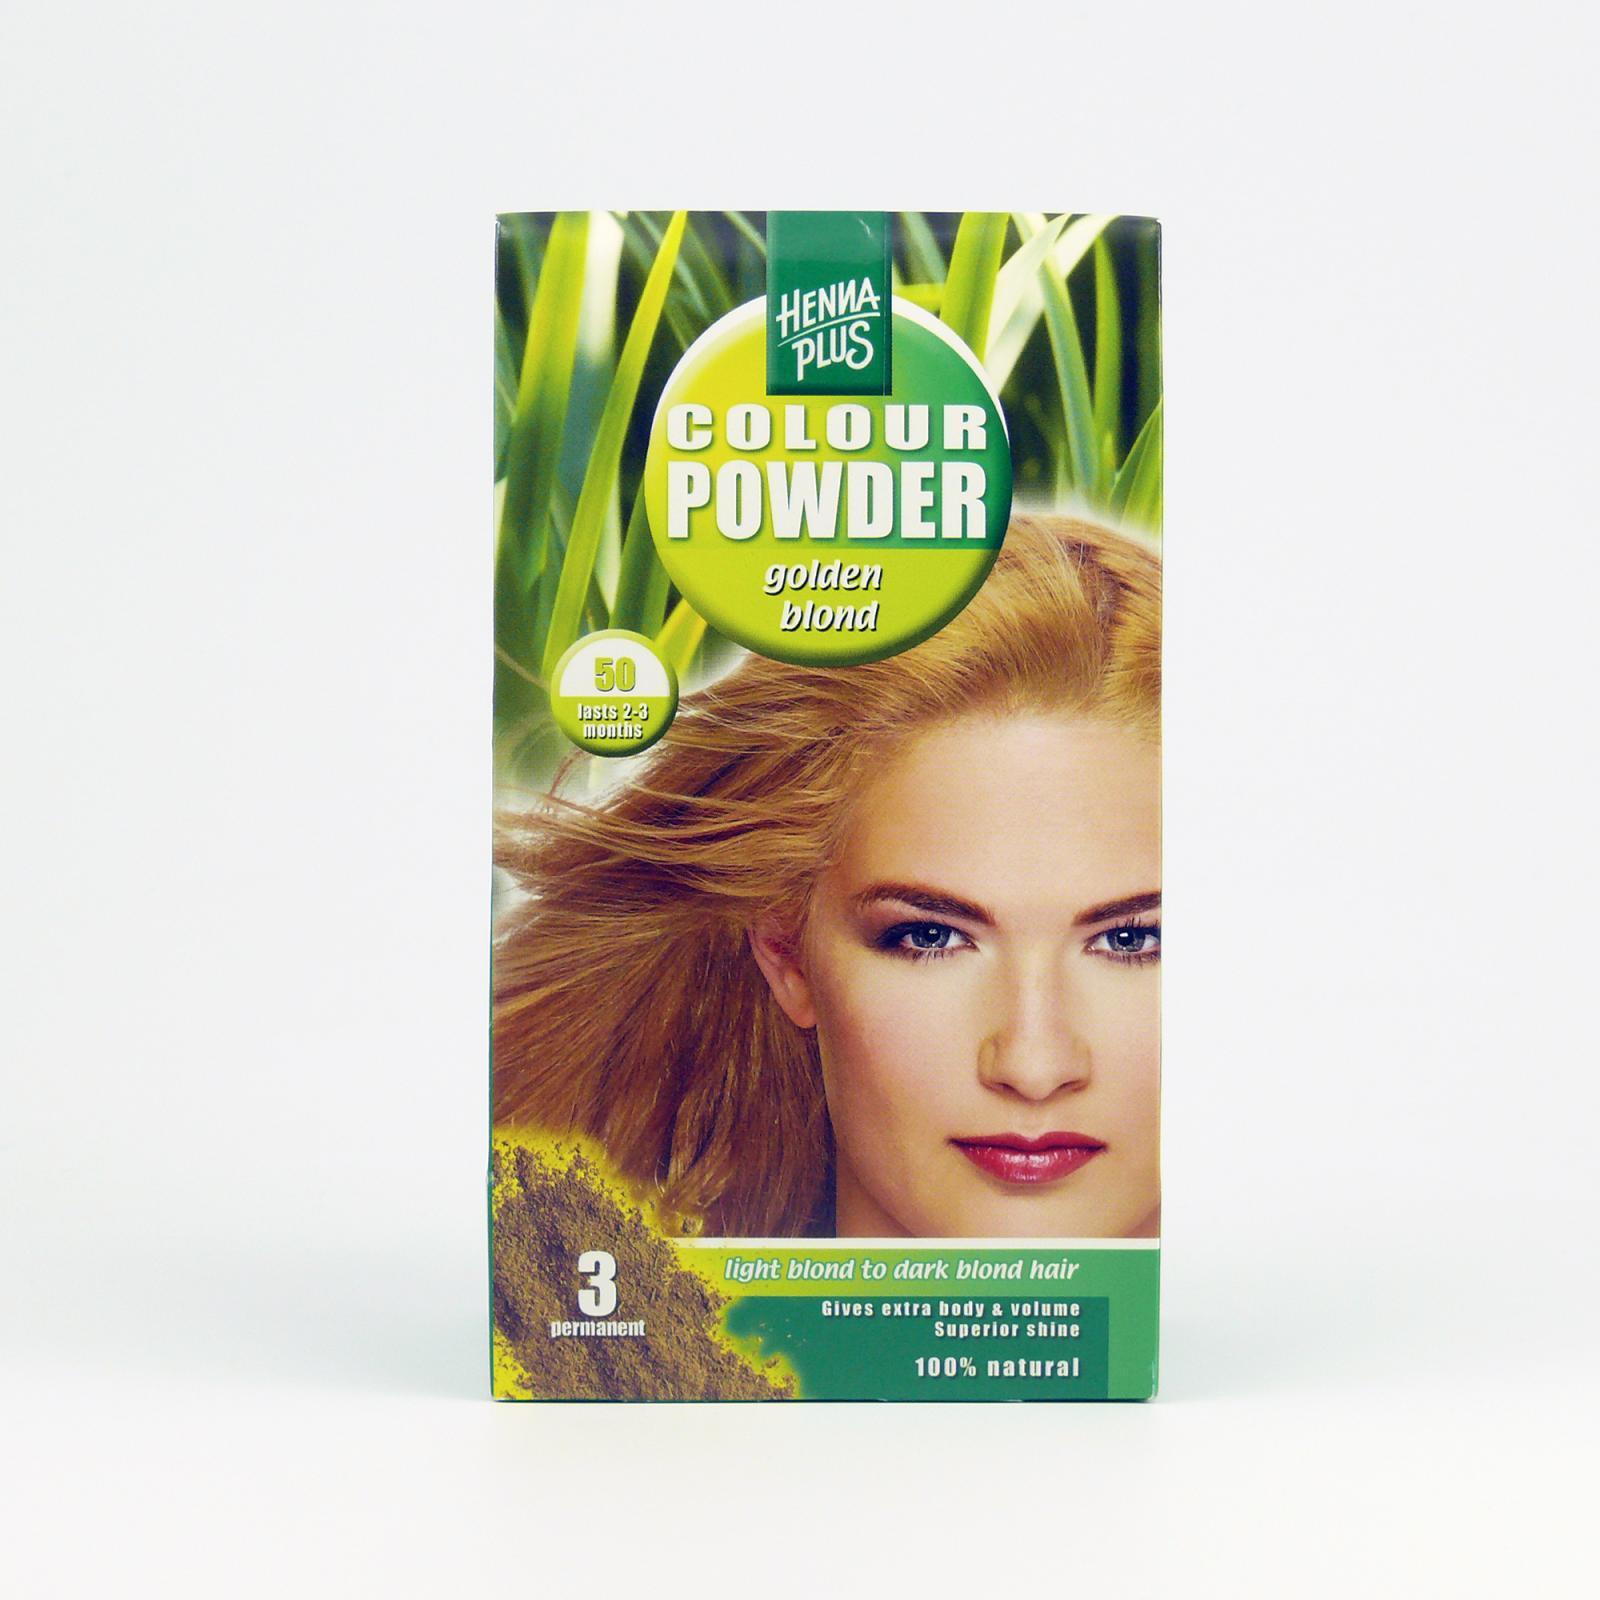 Henna Plus Přírodní prášková barva Zlatá blond 50 100 g